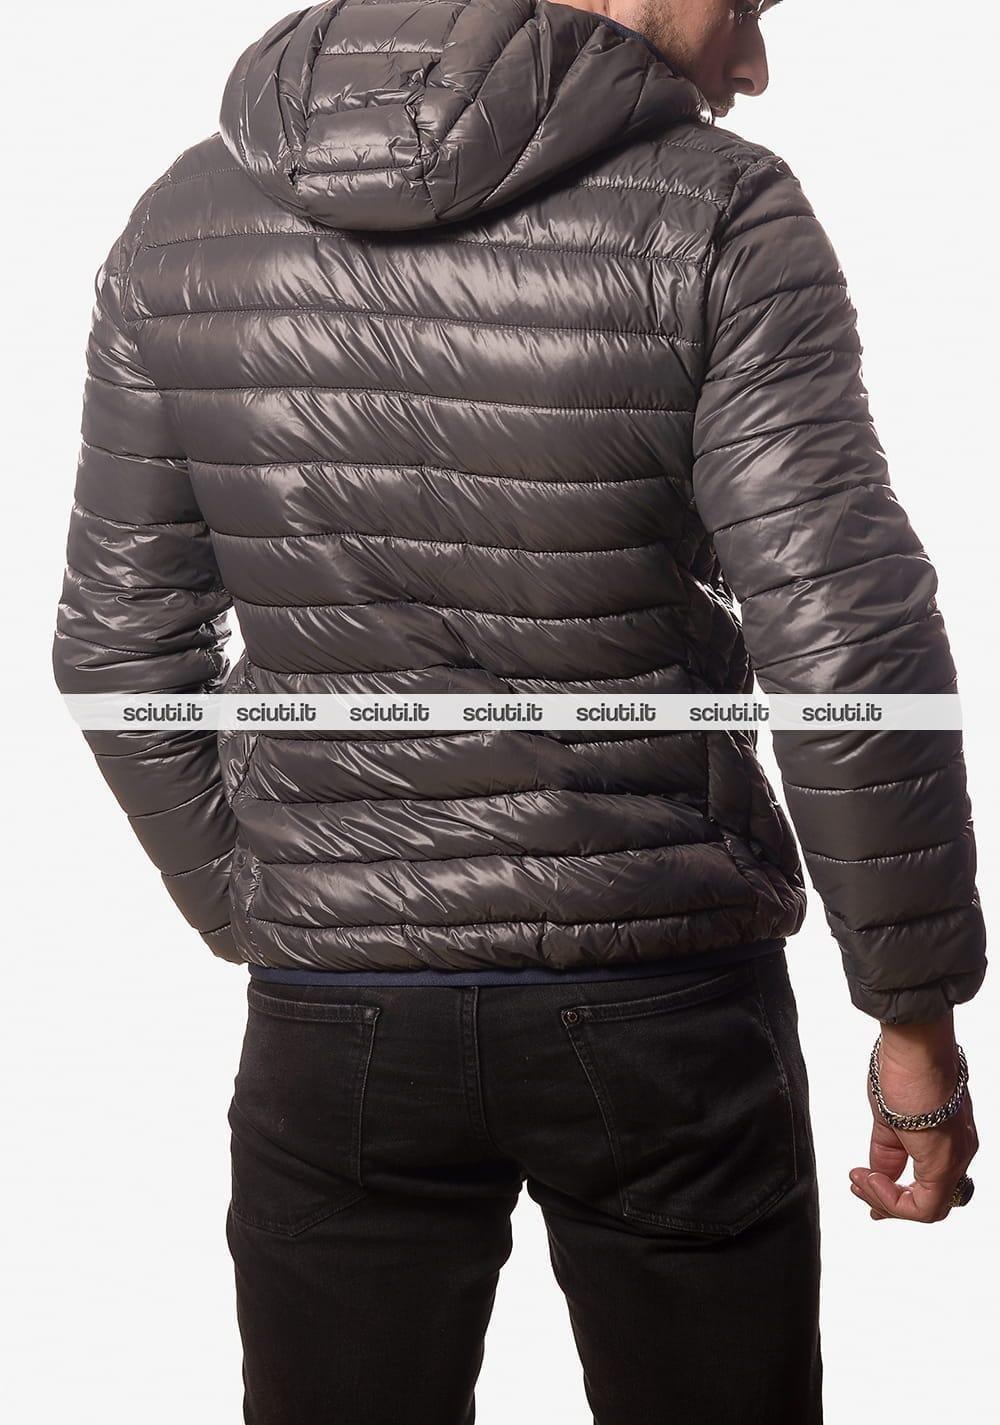 buy popular e66b6 b98a8 Piumino North Sails uomo con cappuccio grigio scuro